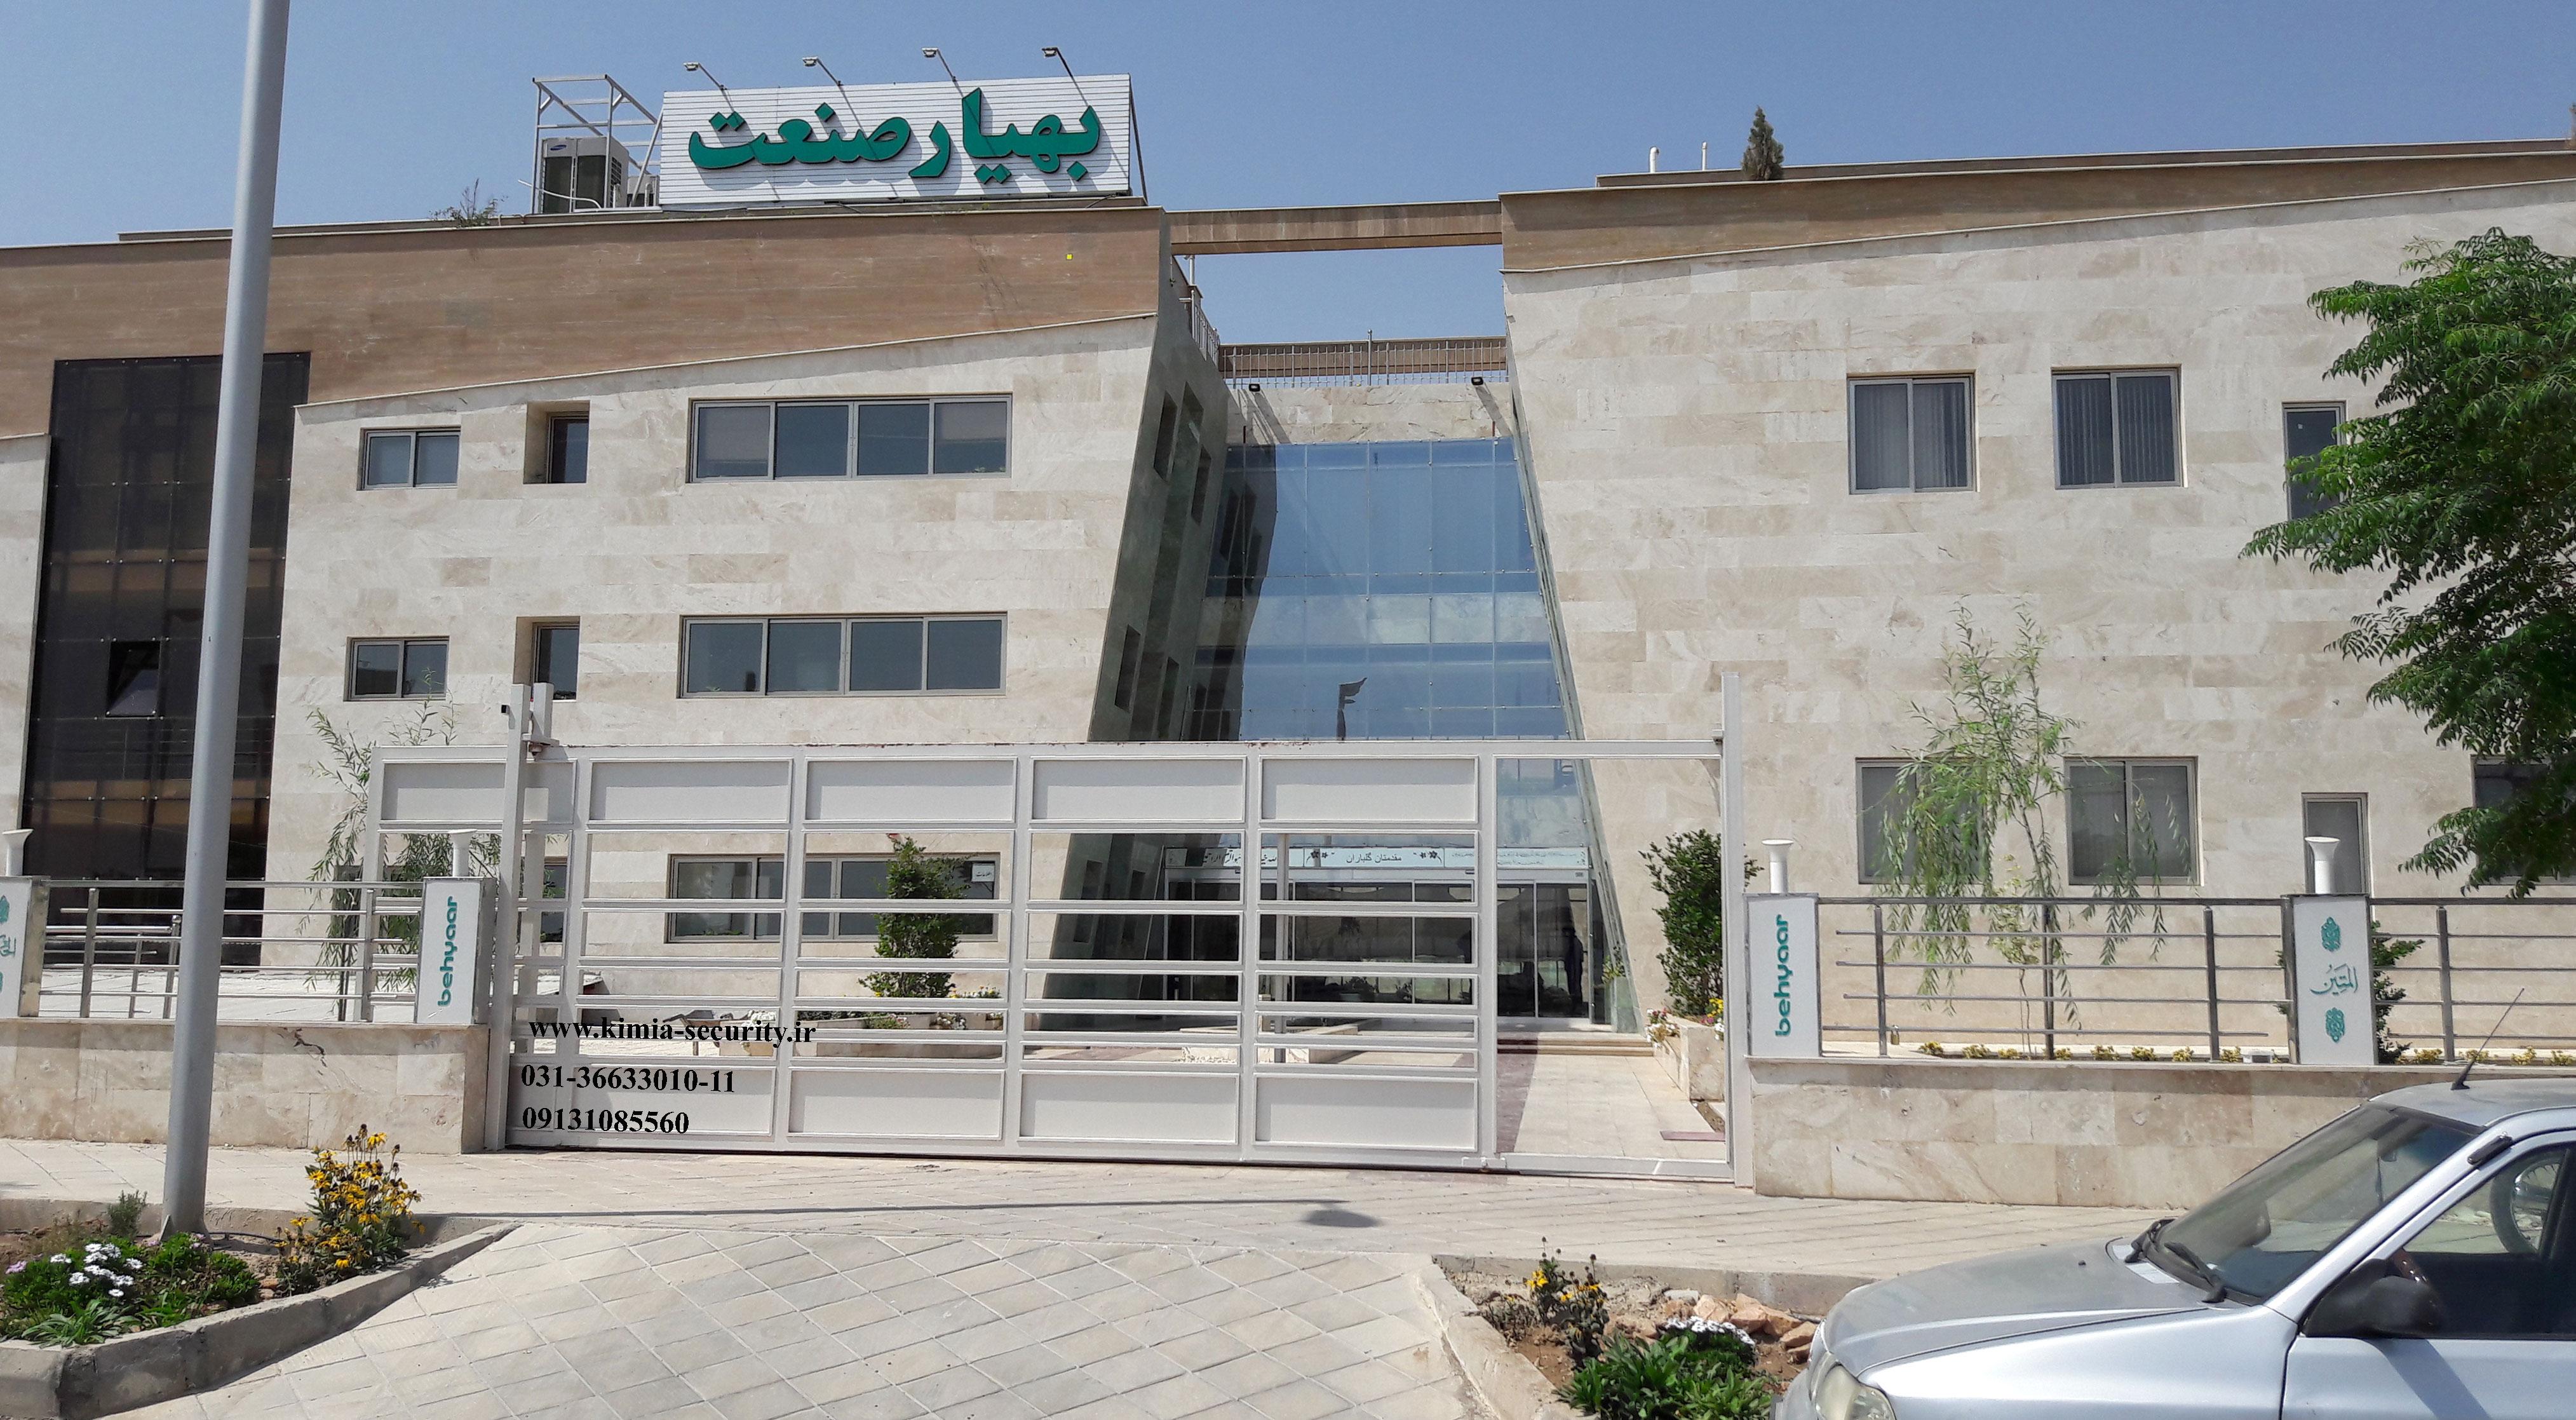 شرکت بهیارصنعت اصفهان